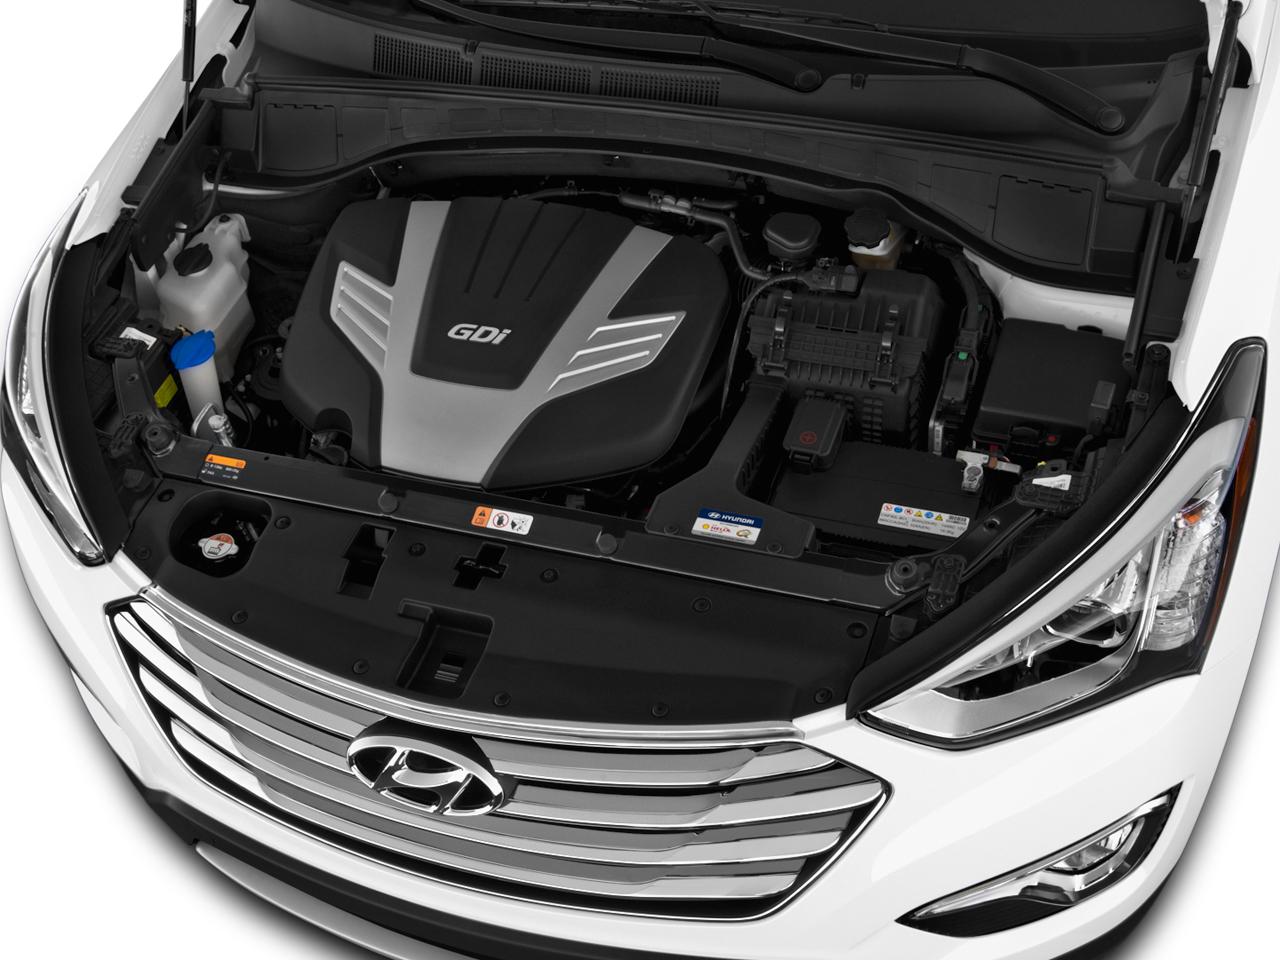 Terocket đánh giá Hyundai SantaFe 2016 mạnh mẽ, đi rất sướng, đầm, chắc, thể thao